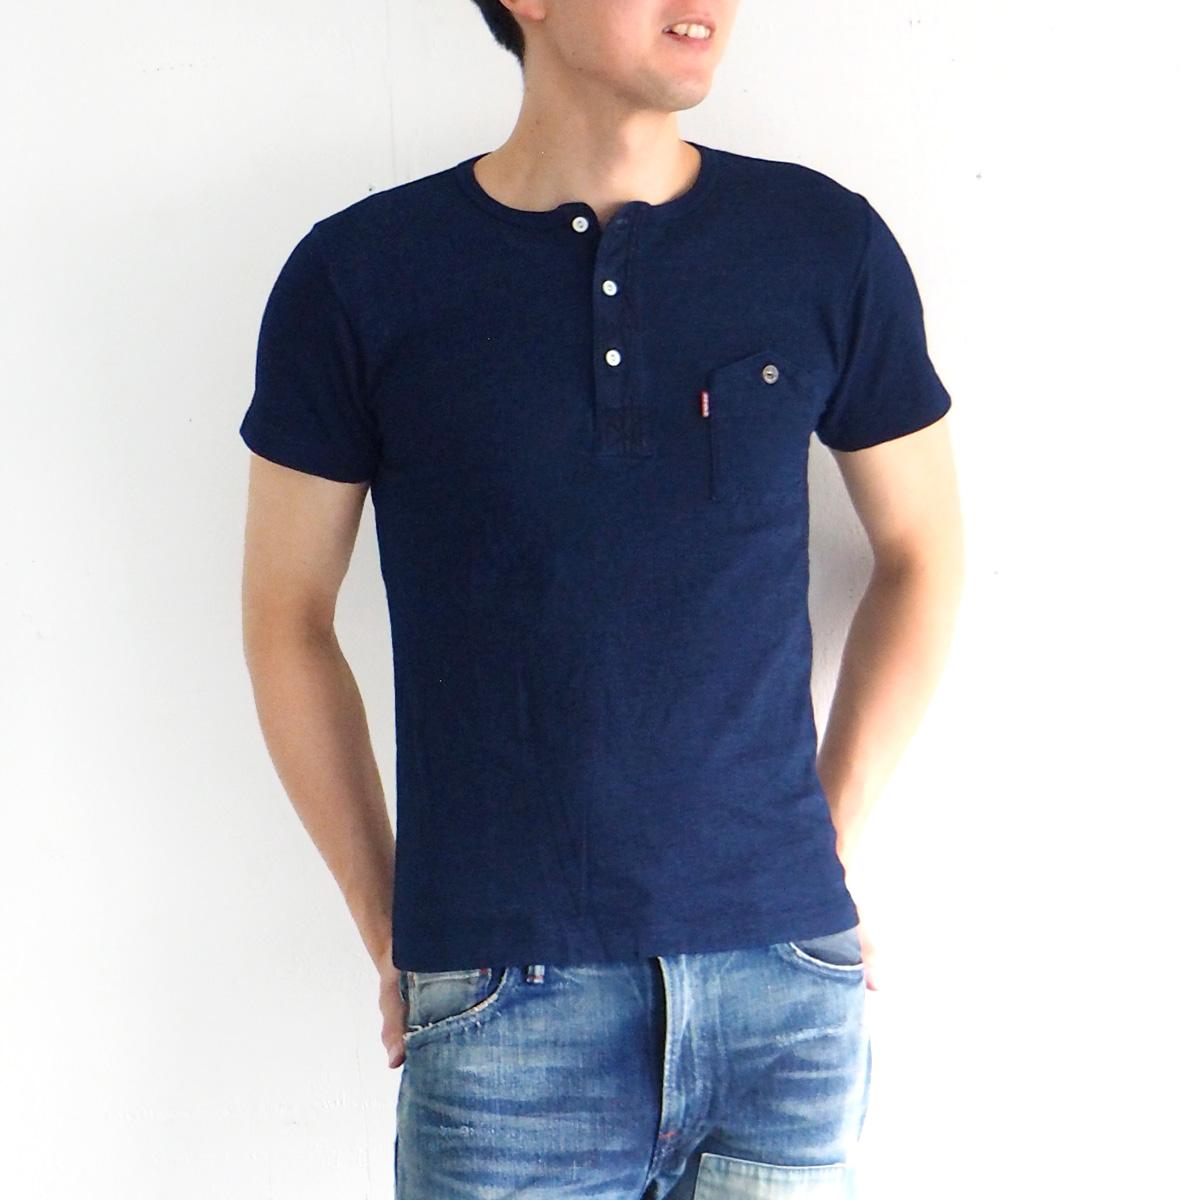 graphzero(グラフゼロ) インディゴロープ染色 山ポケット ヘンリーネックTシャツ メンズ [GZ-IDTH-0103-MENS]